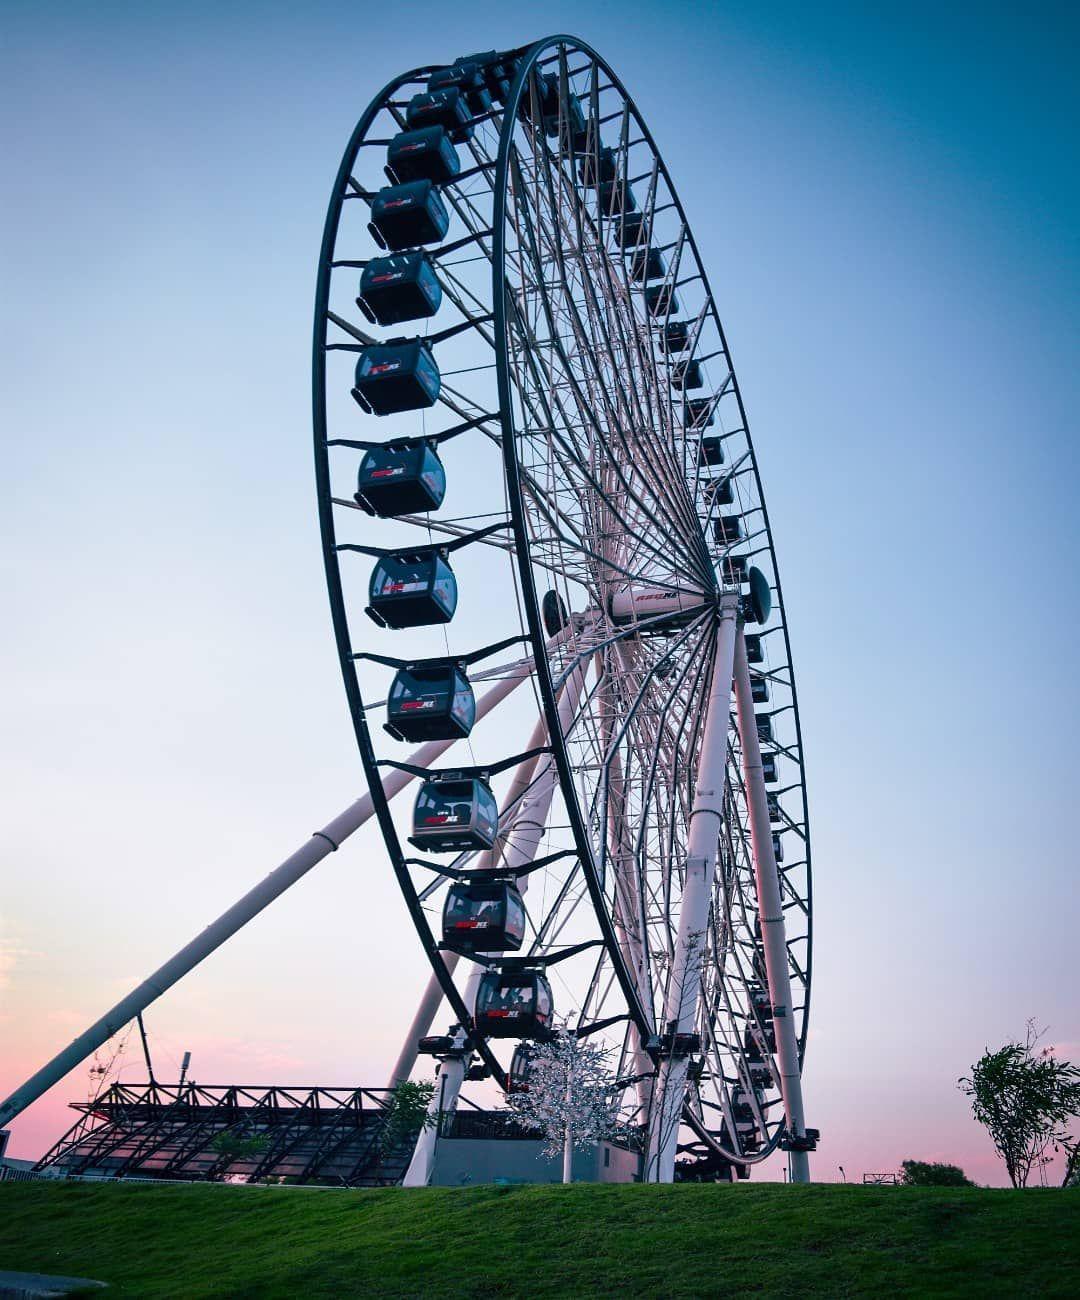 La rueda de la fortuna más grande de México.